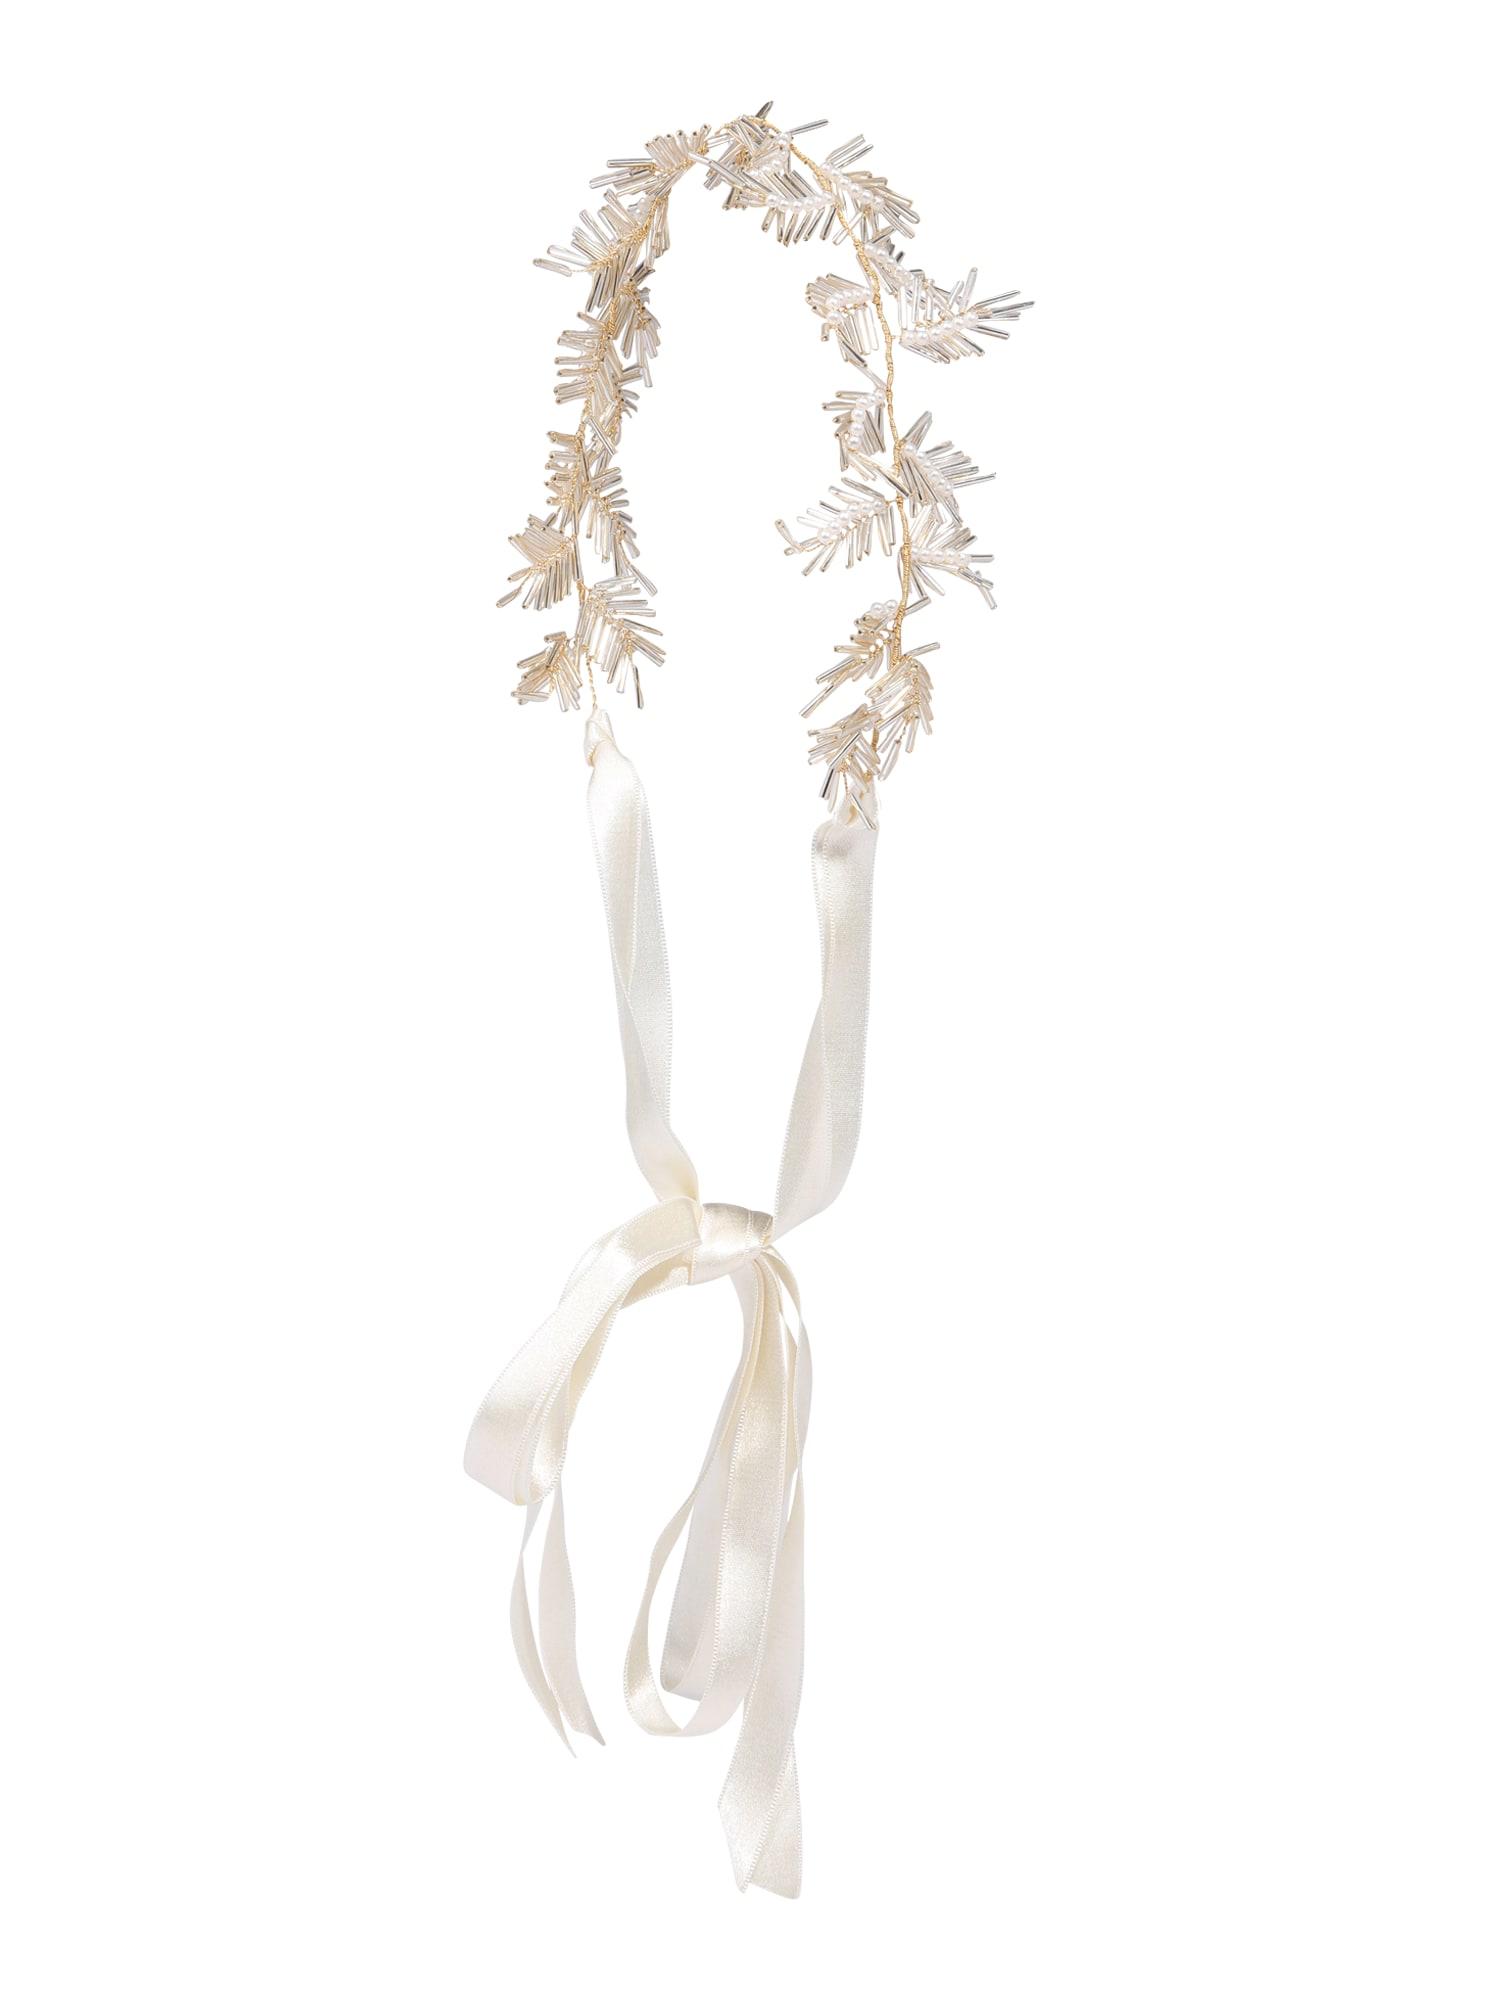 Šperky do vlasů Audrey zlatá perlově bílá We Are Flowergirls